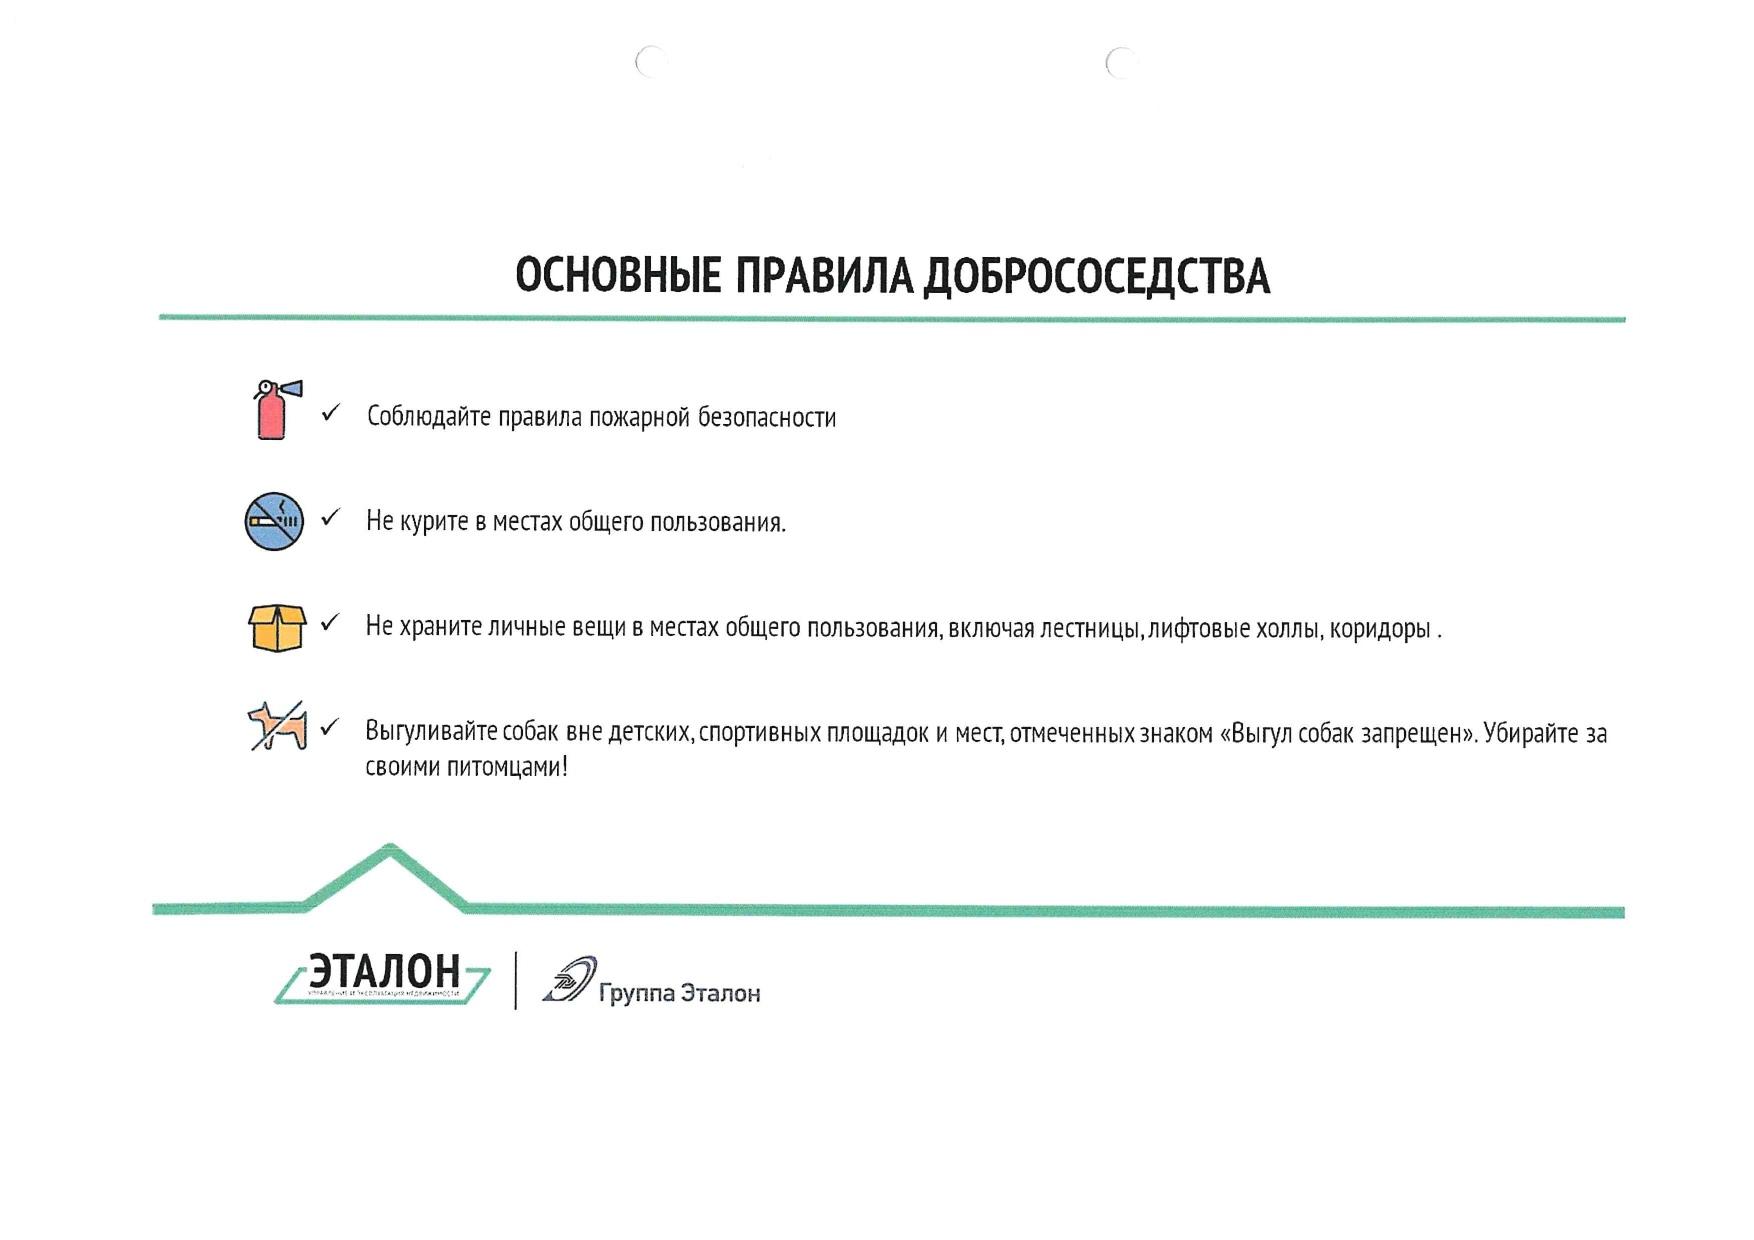 """Управляющая компания в ЖК """"Летний сад"""" - у нашего форума налажено взаимодействие. Развиваем его и решаем возникающие вопросы - Страница 8 MZsDB4DJ9jM"""